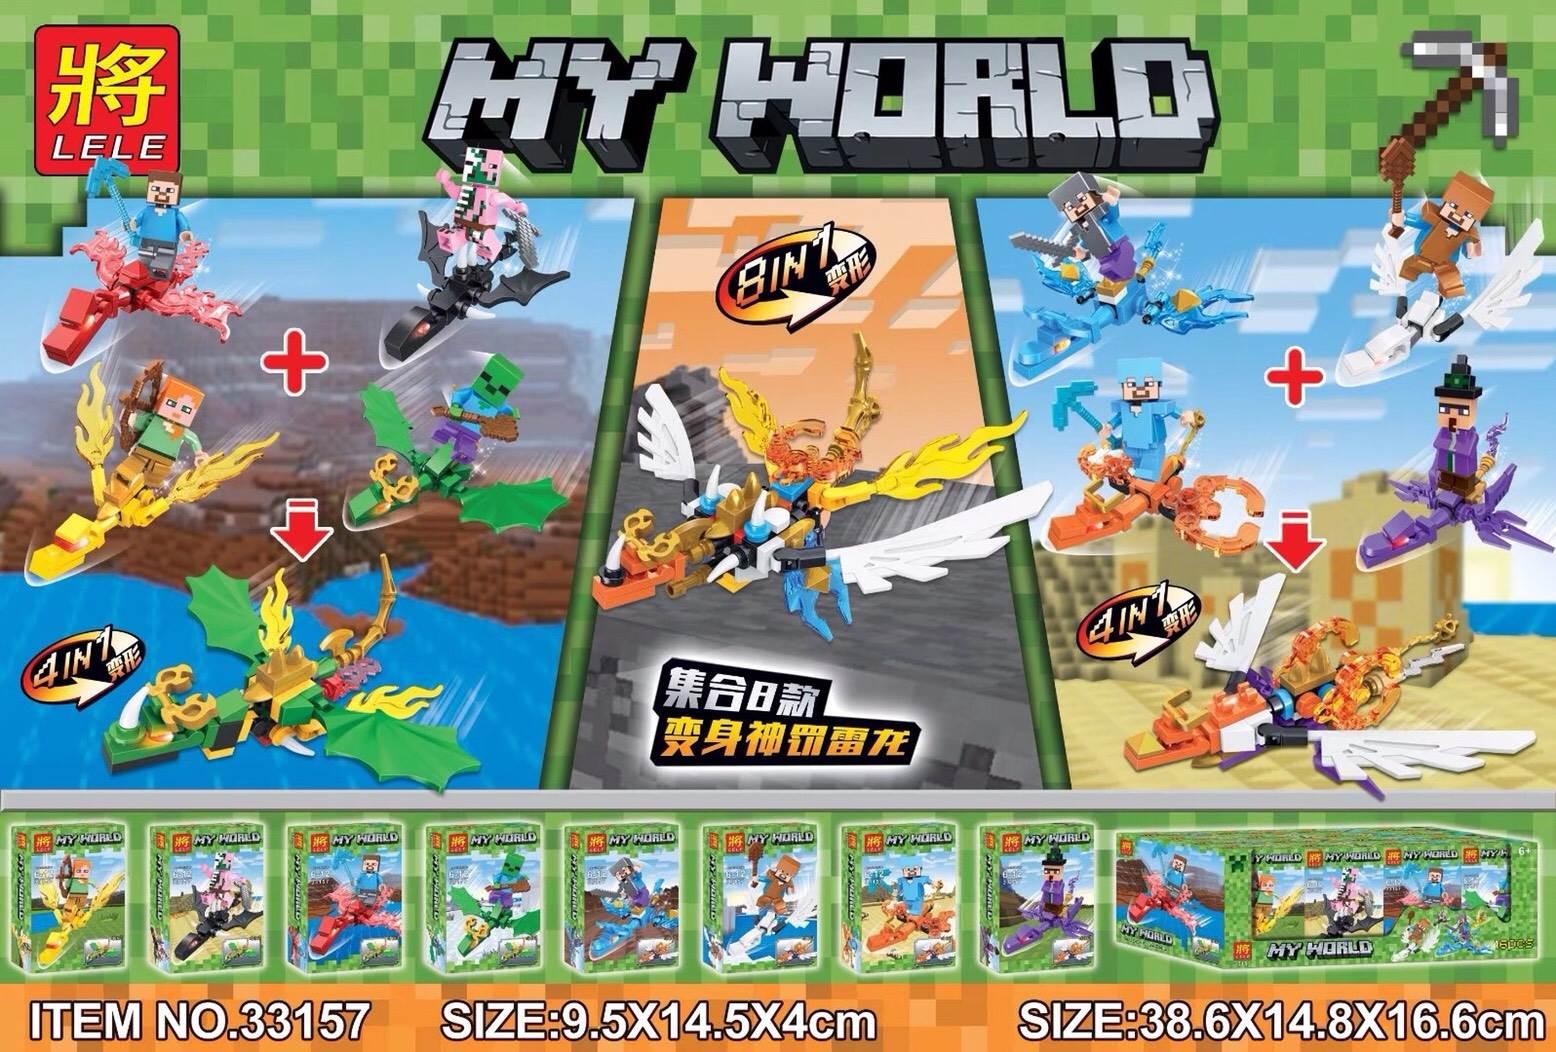 MINECRAFT เลโก้จีน LELE 33157 มินิฟิกเกอร์ 8 กล่อง